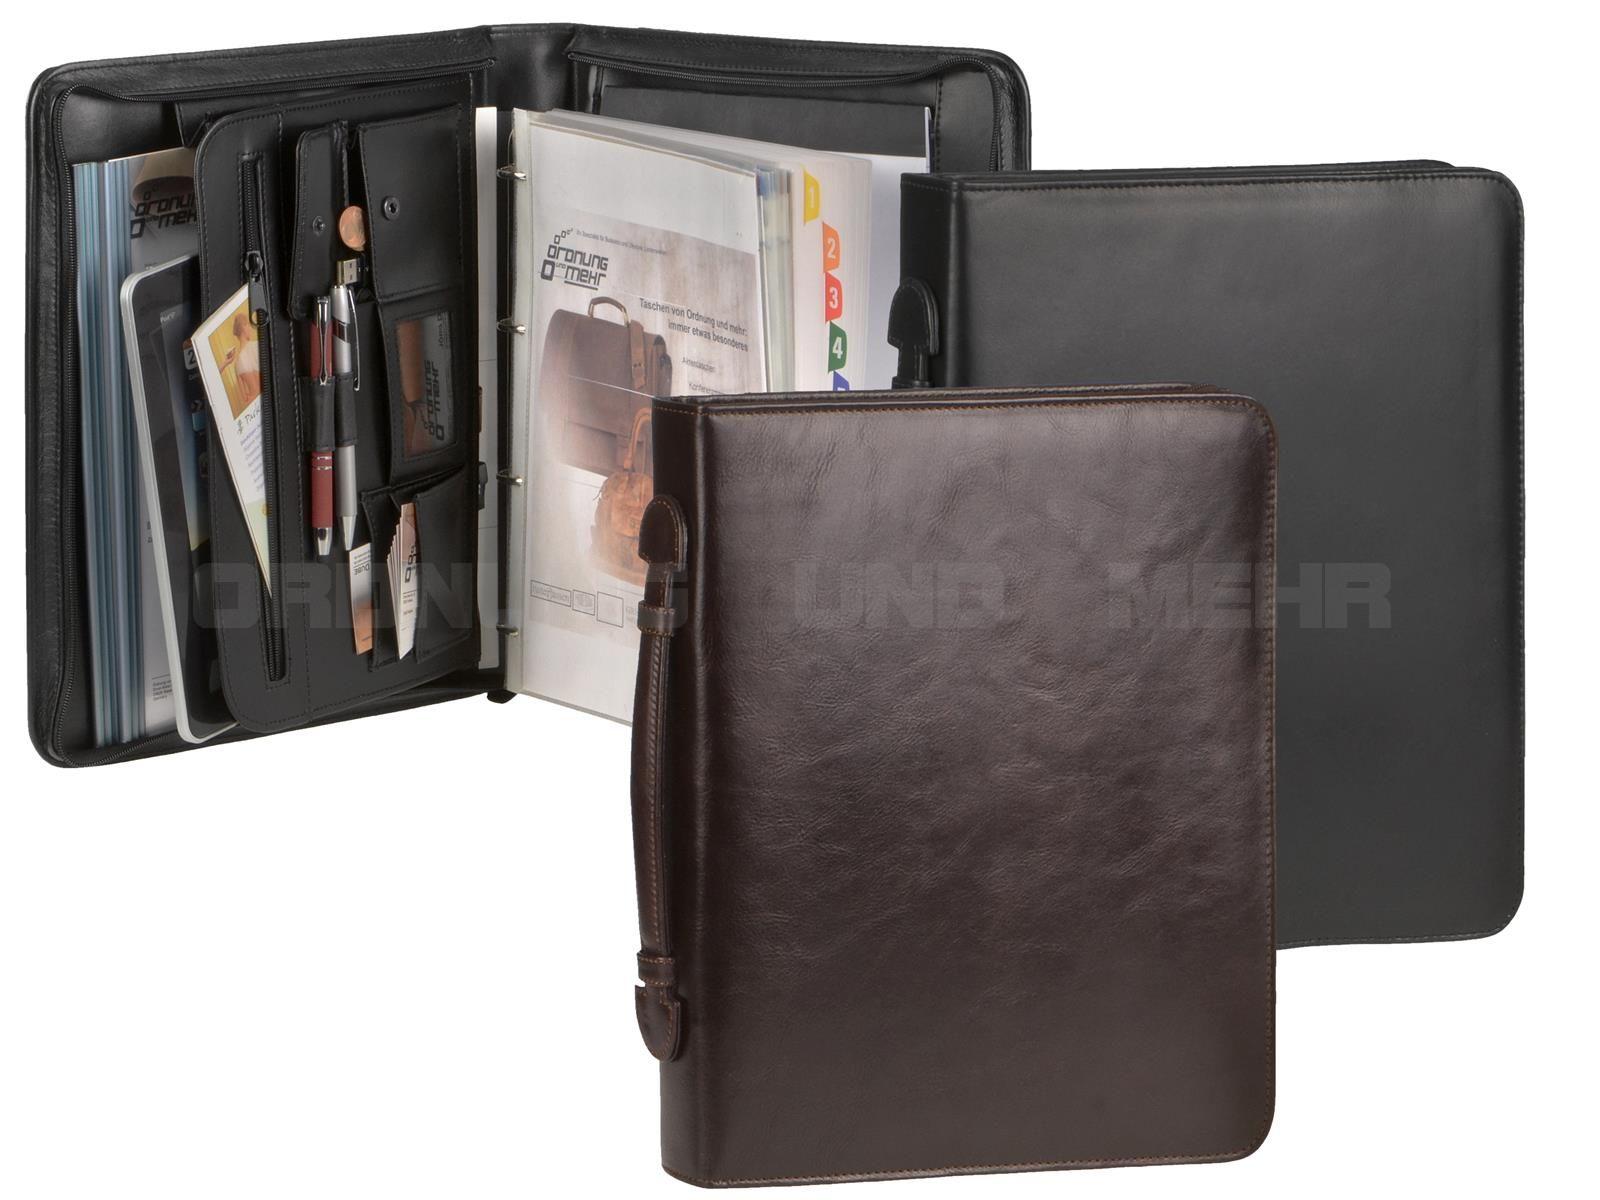 Dermata A4-Konferenzmappe 30mm braun Ringbuchmappe Leder auch für Linkshänder